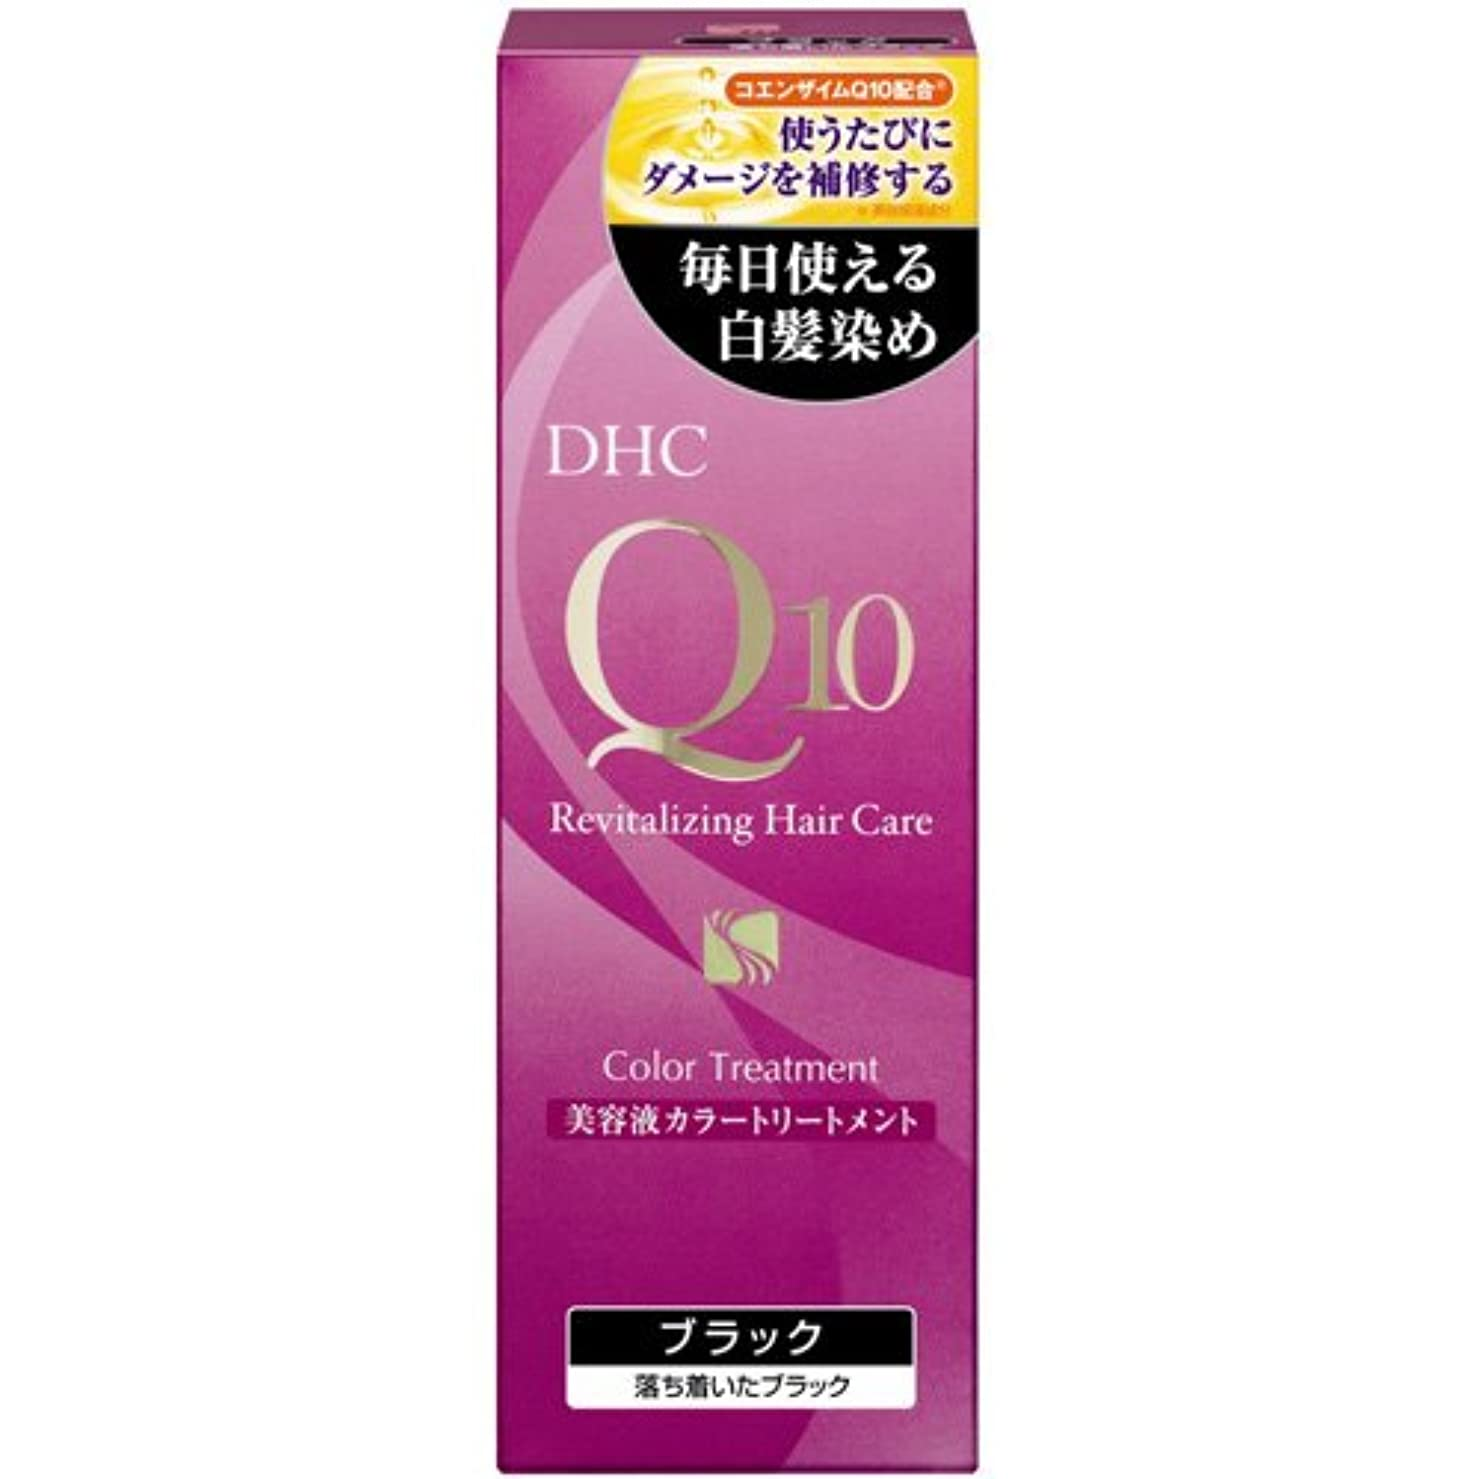 スティック不利益相互DHC Q10美溶液カラートリートメントブラックSS170g